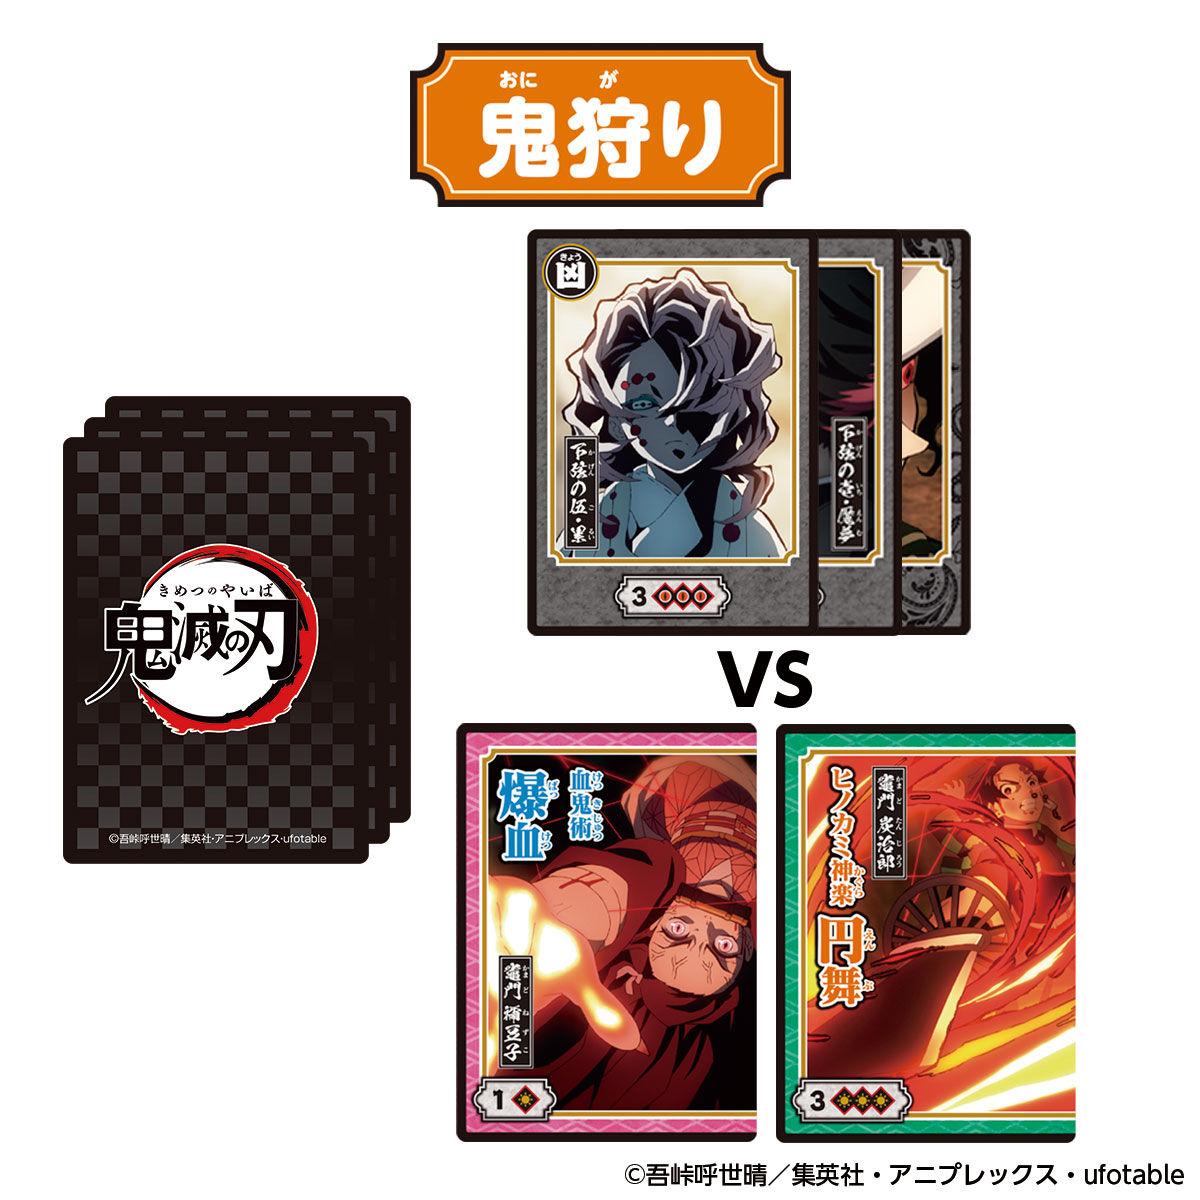 鬼滅の刃 全集中 札取りカードゲーム